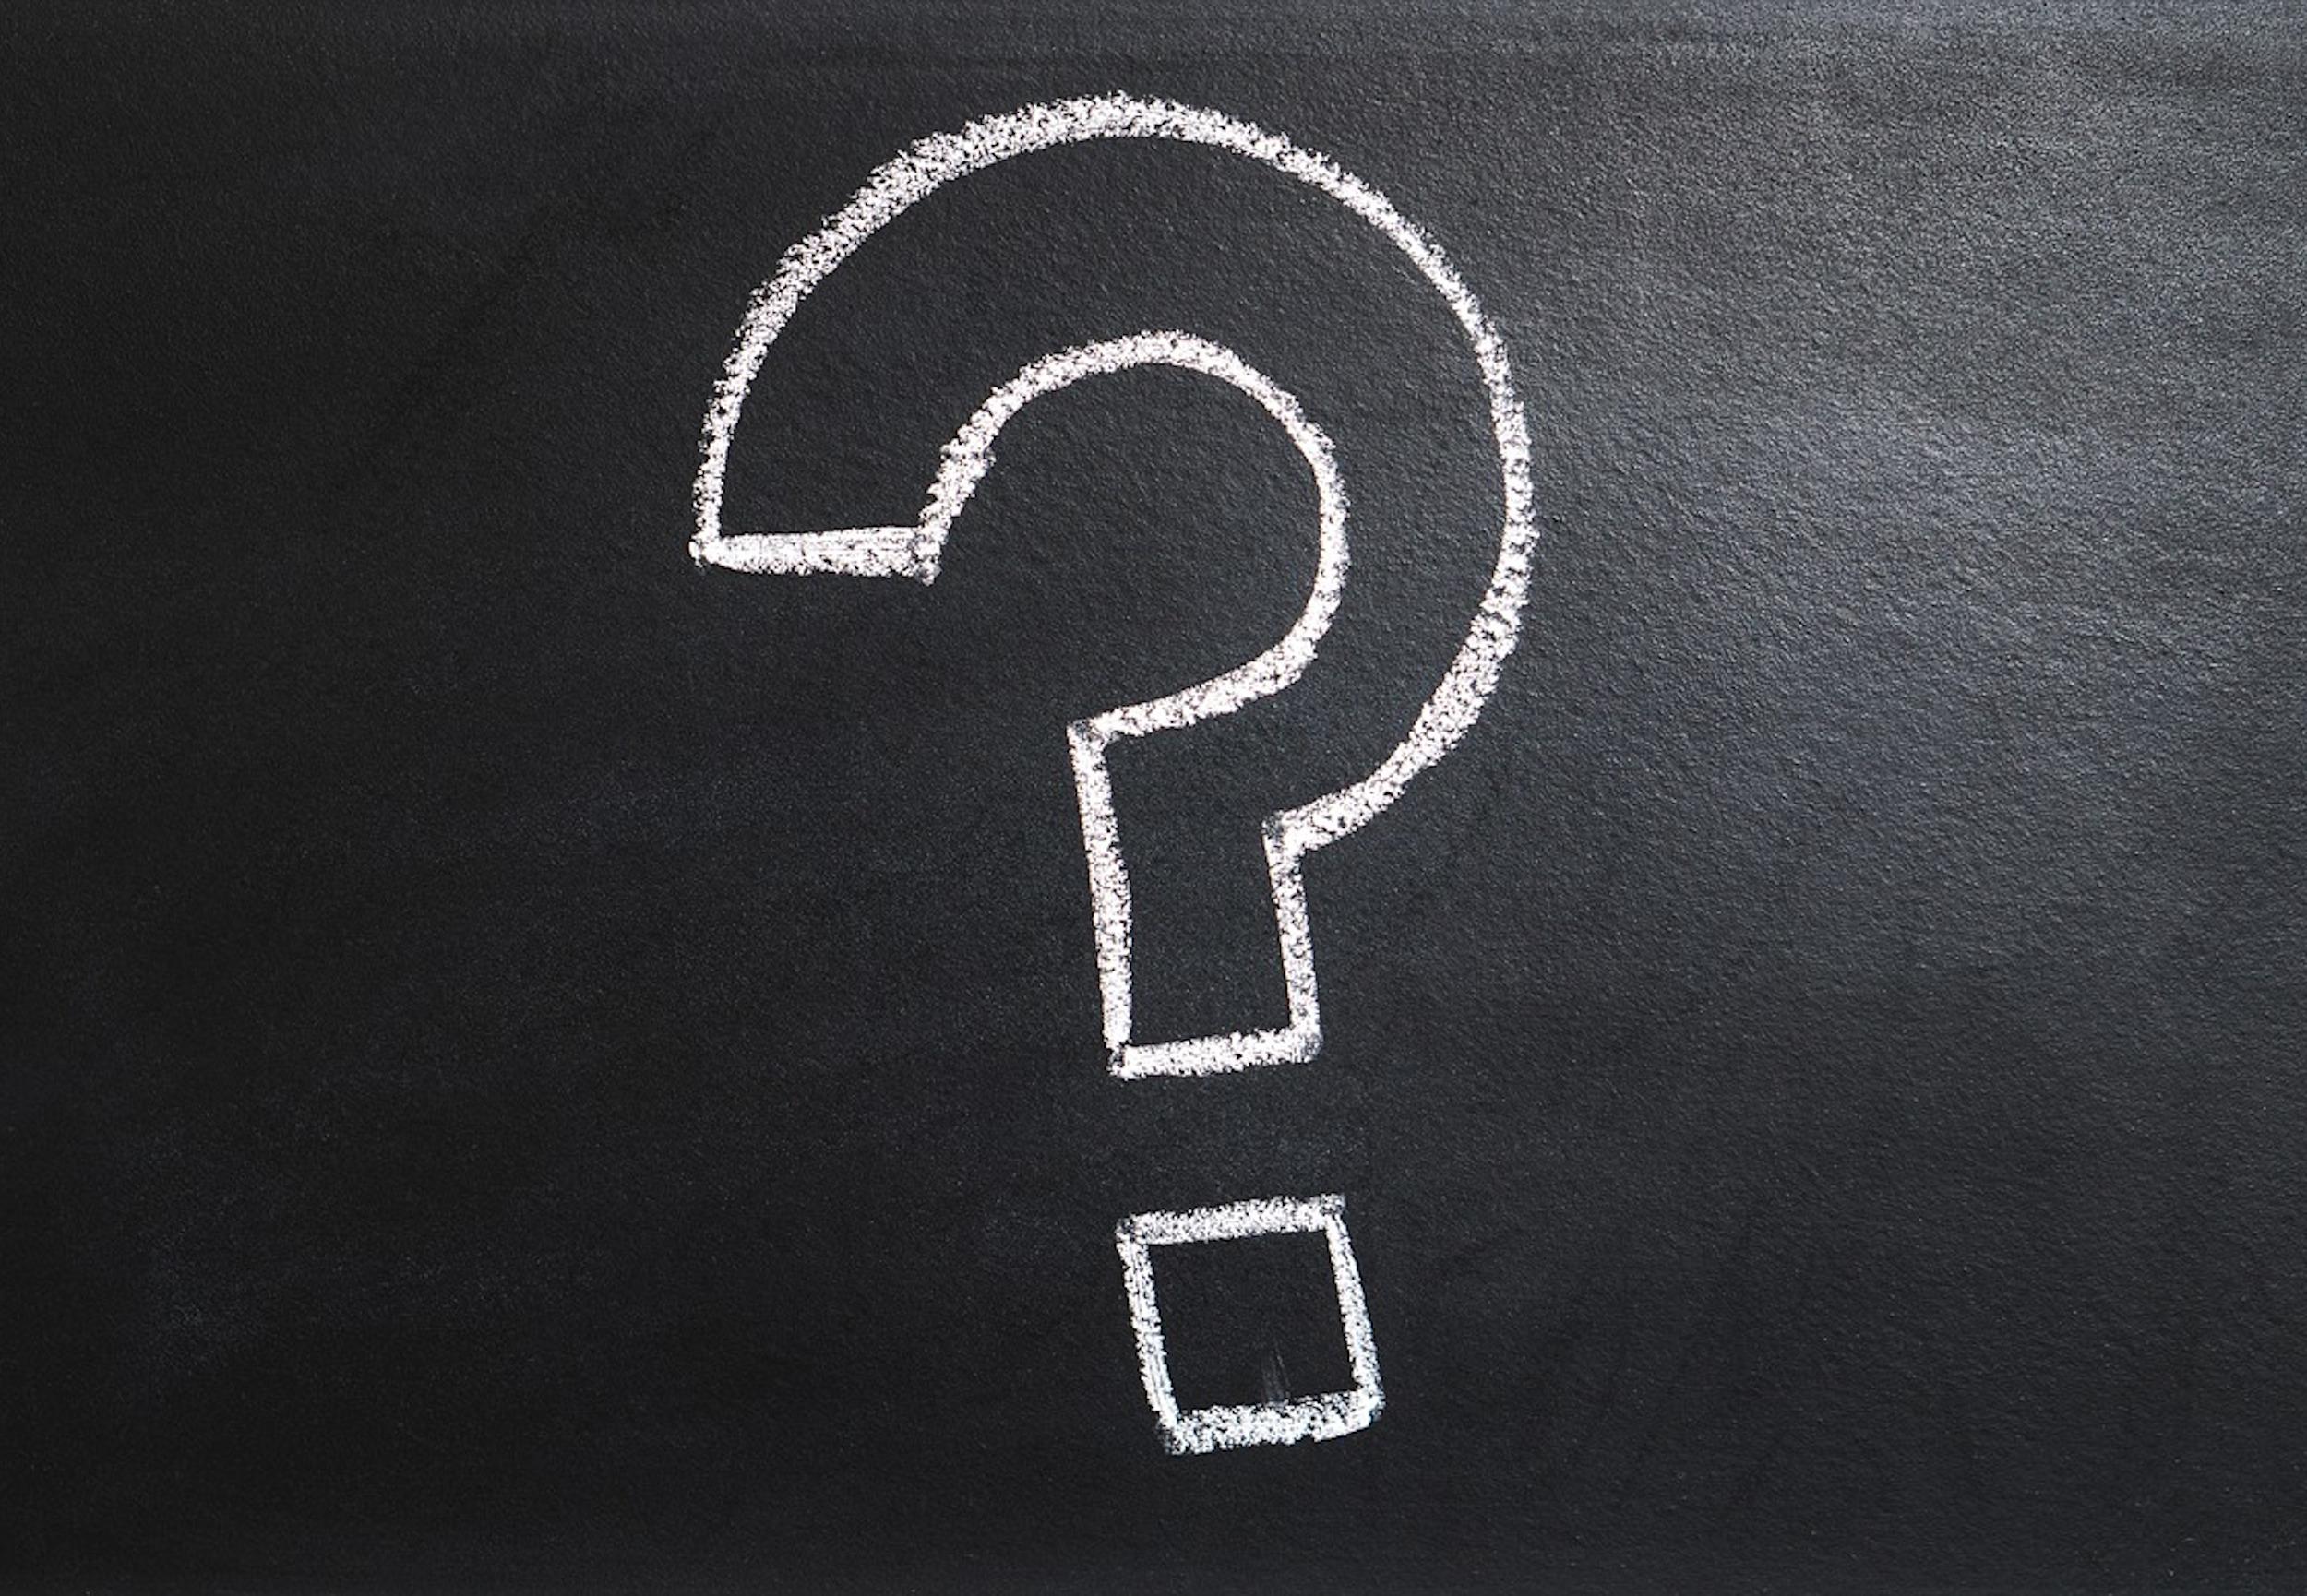 Auto-Attestation ou Certification : Que choisir ?